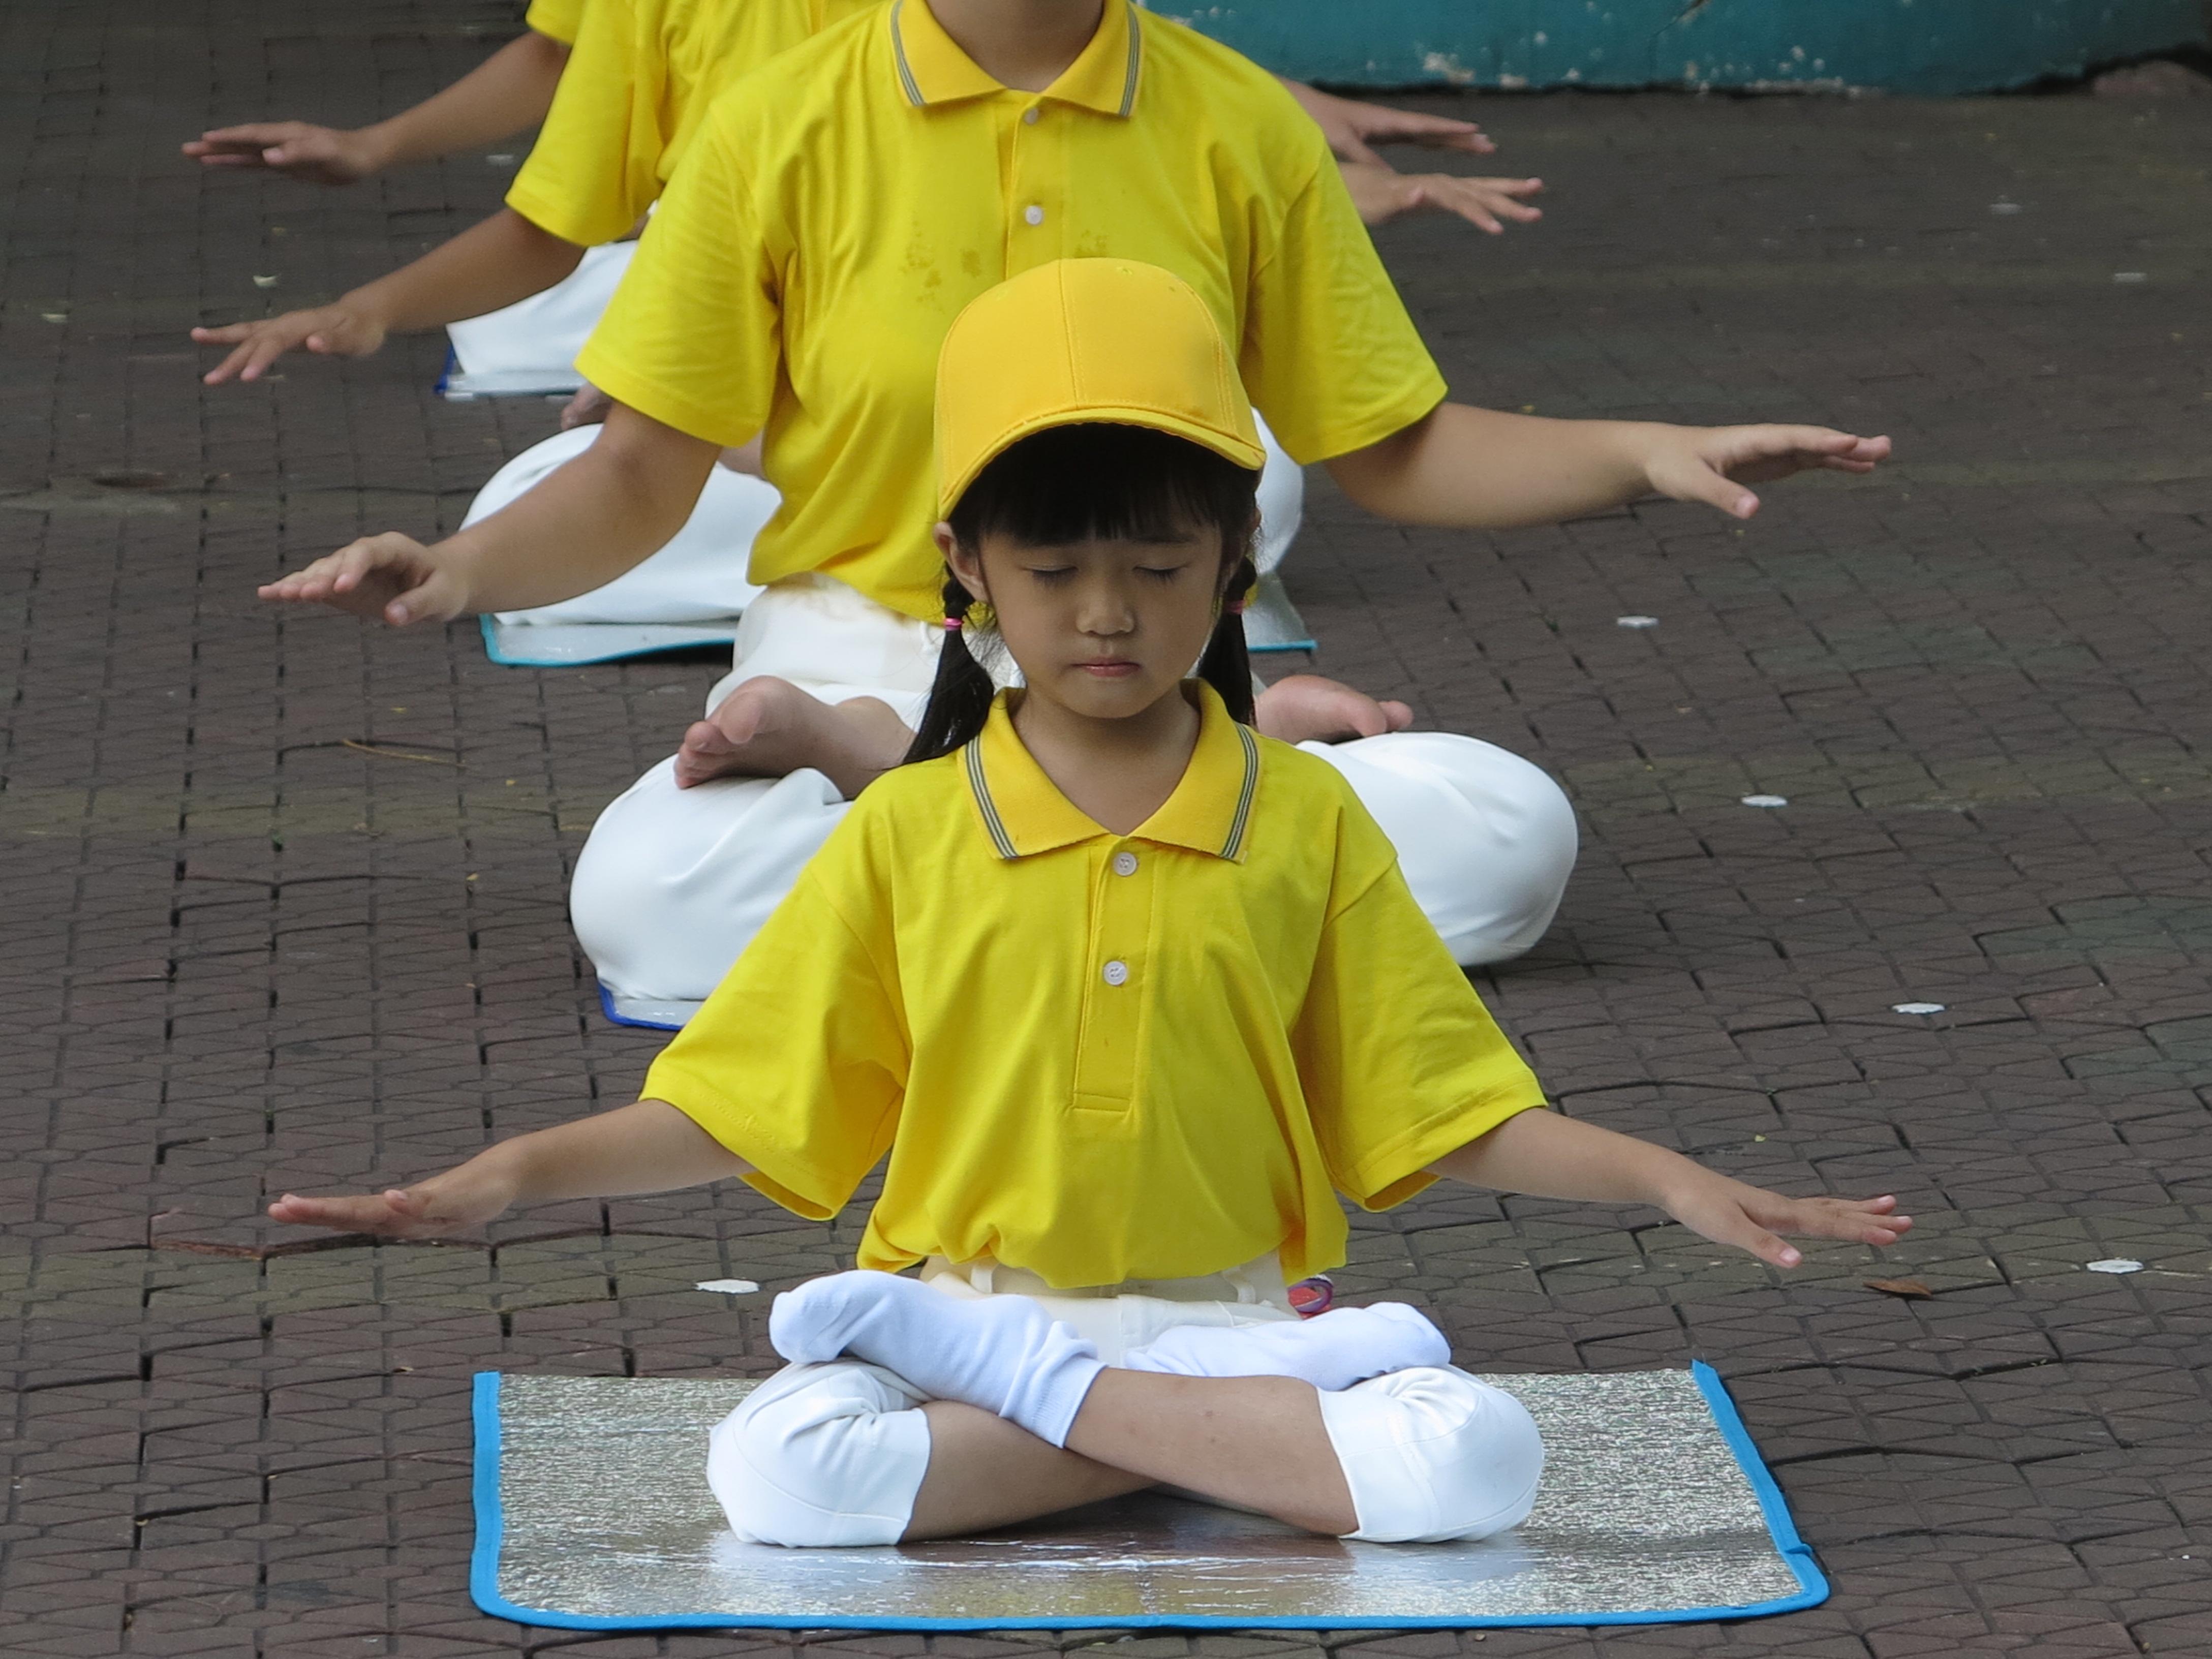 Khóa học hè Minh Huệ - Bồi dưỡng thân tâm, trở thành người tốt.9